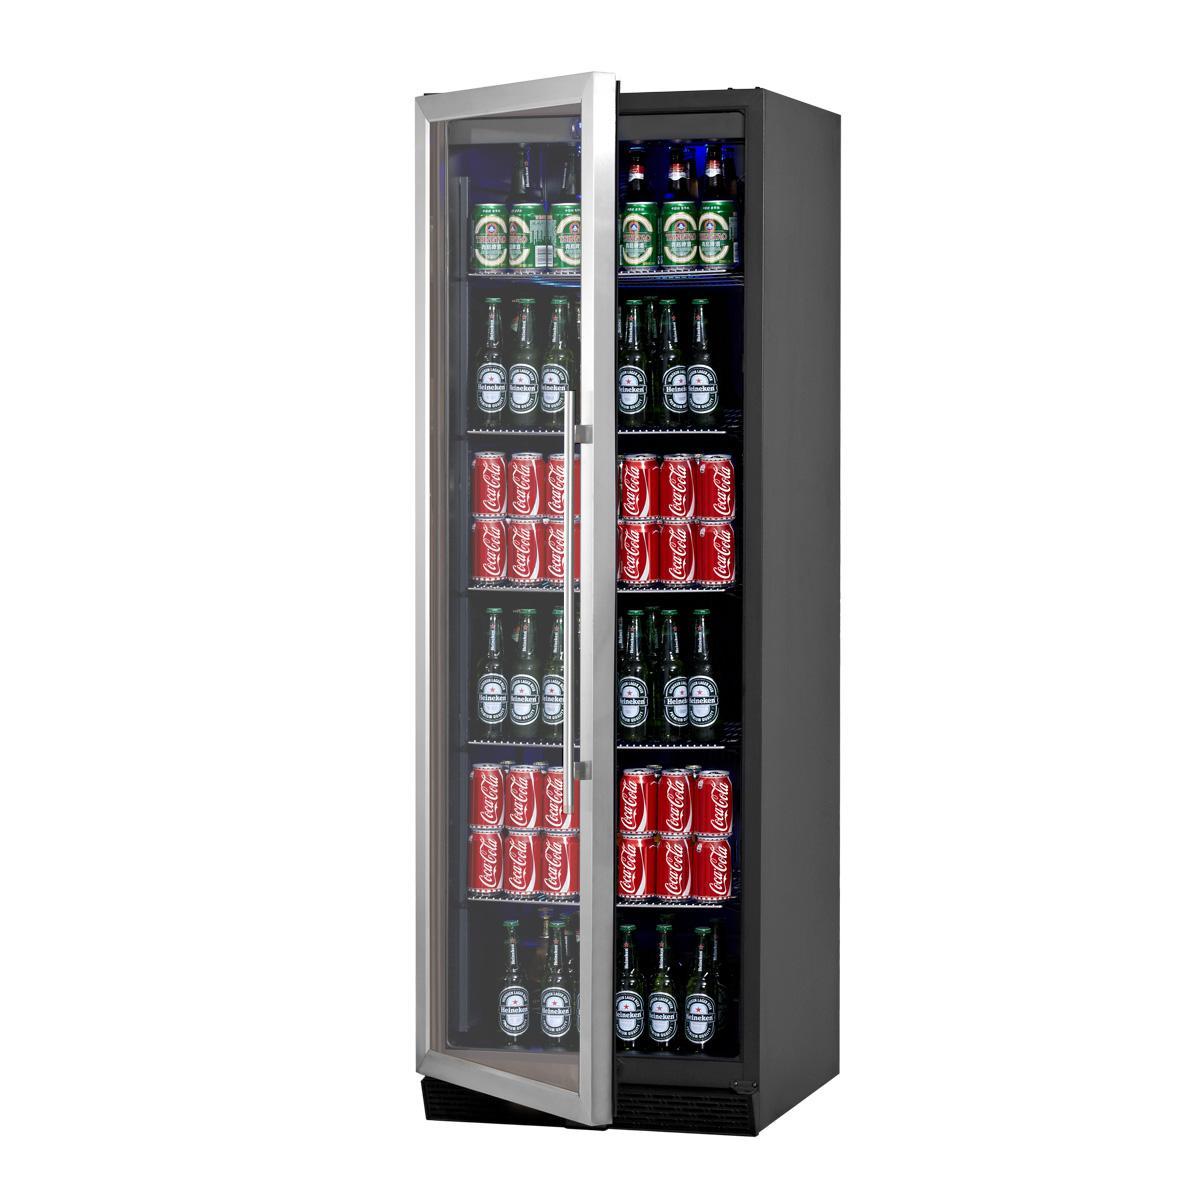 Amazon Com Kingsbottle Built In Beer And Beverage Cooler